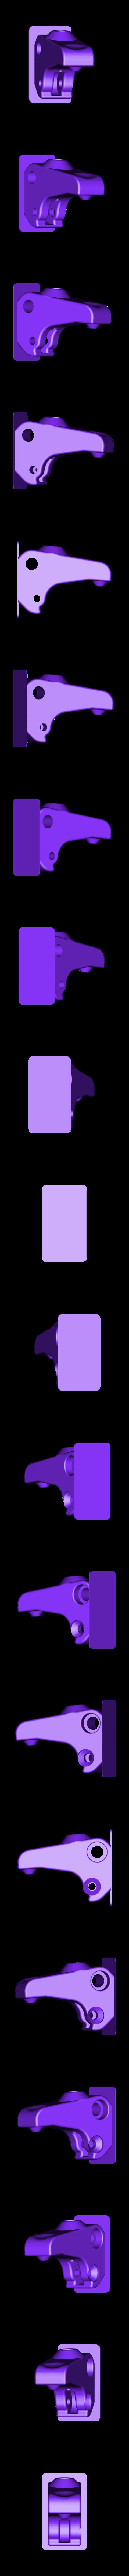 2X_Upgrade_-_Arm_V2_-_L.stl Télécharger fichier STL gratuit Mise à niveau de l'extrudeuse Replicator 2X • Modèle imprimable en 3D, Gaenarra